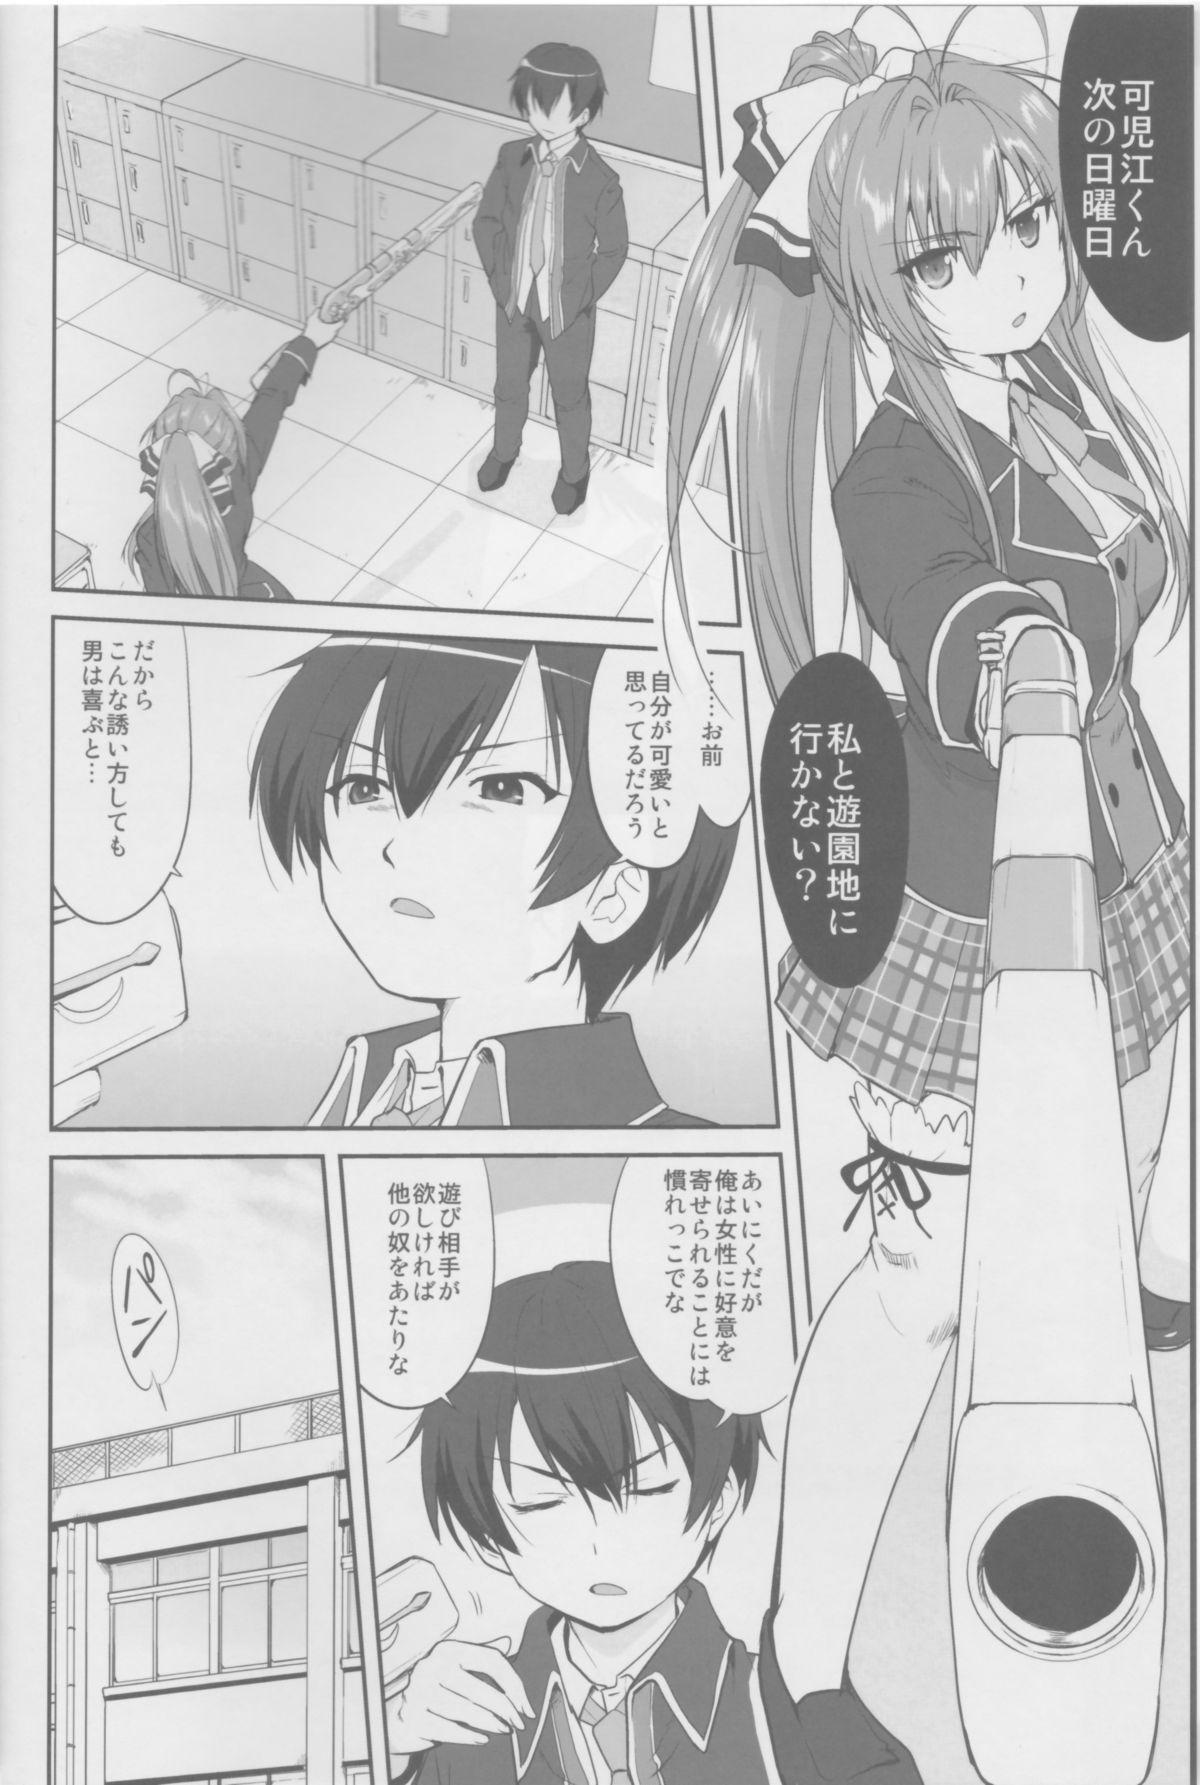 Amagi Strip Gekijou 4